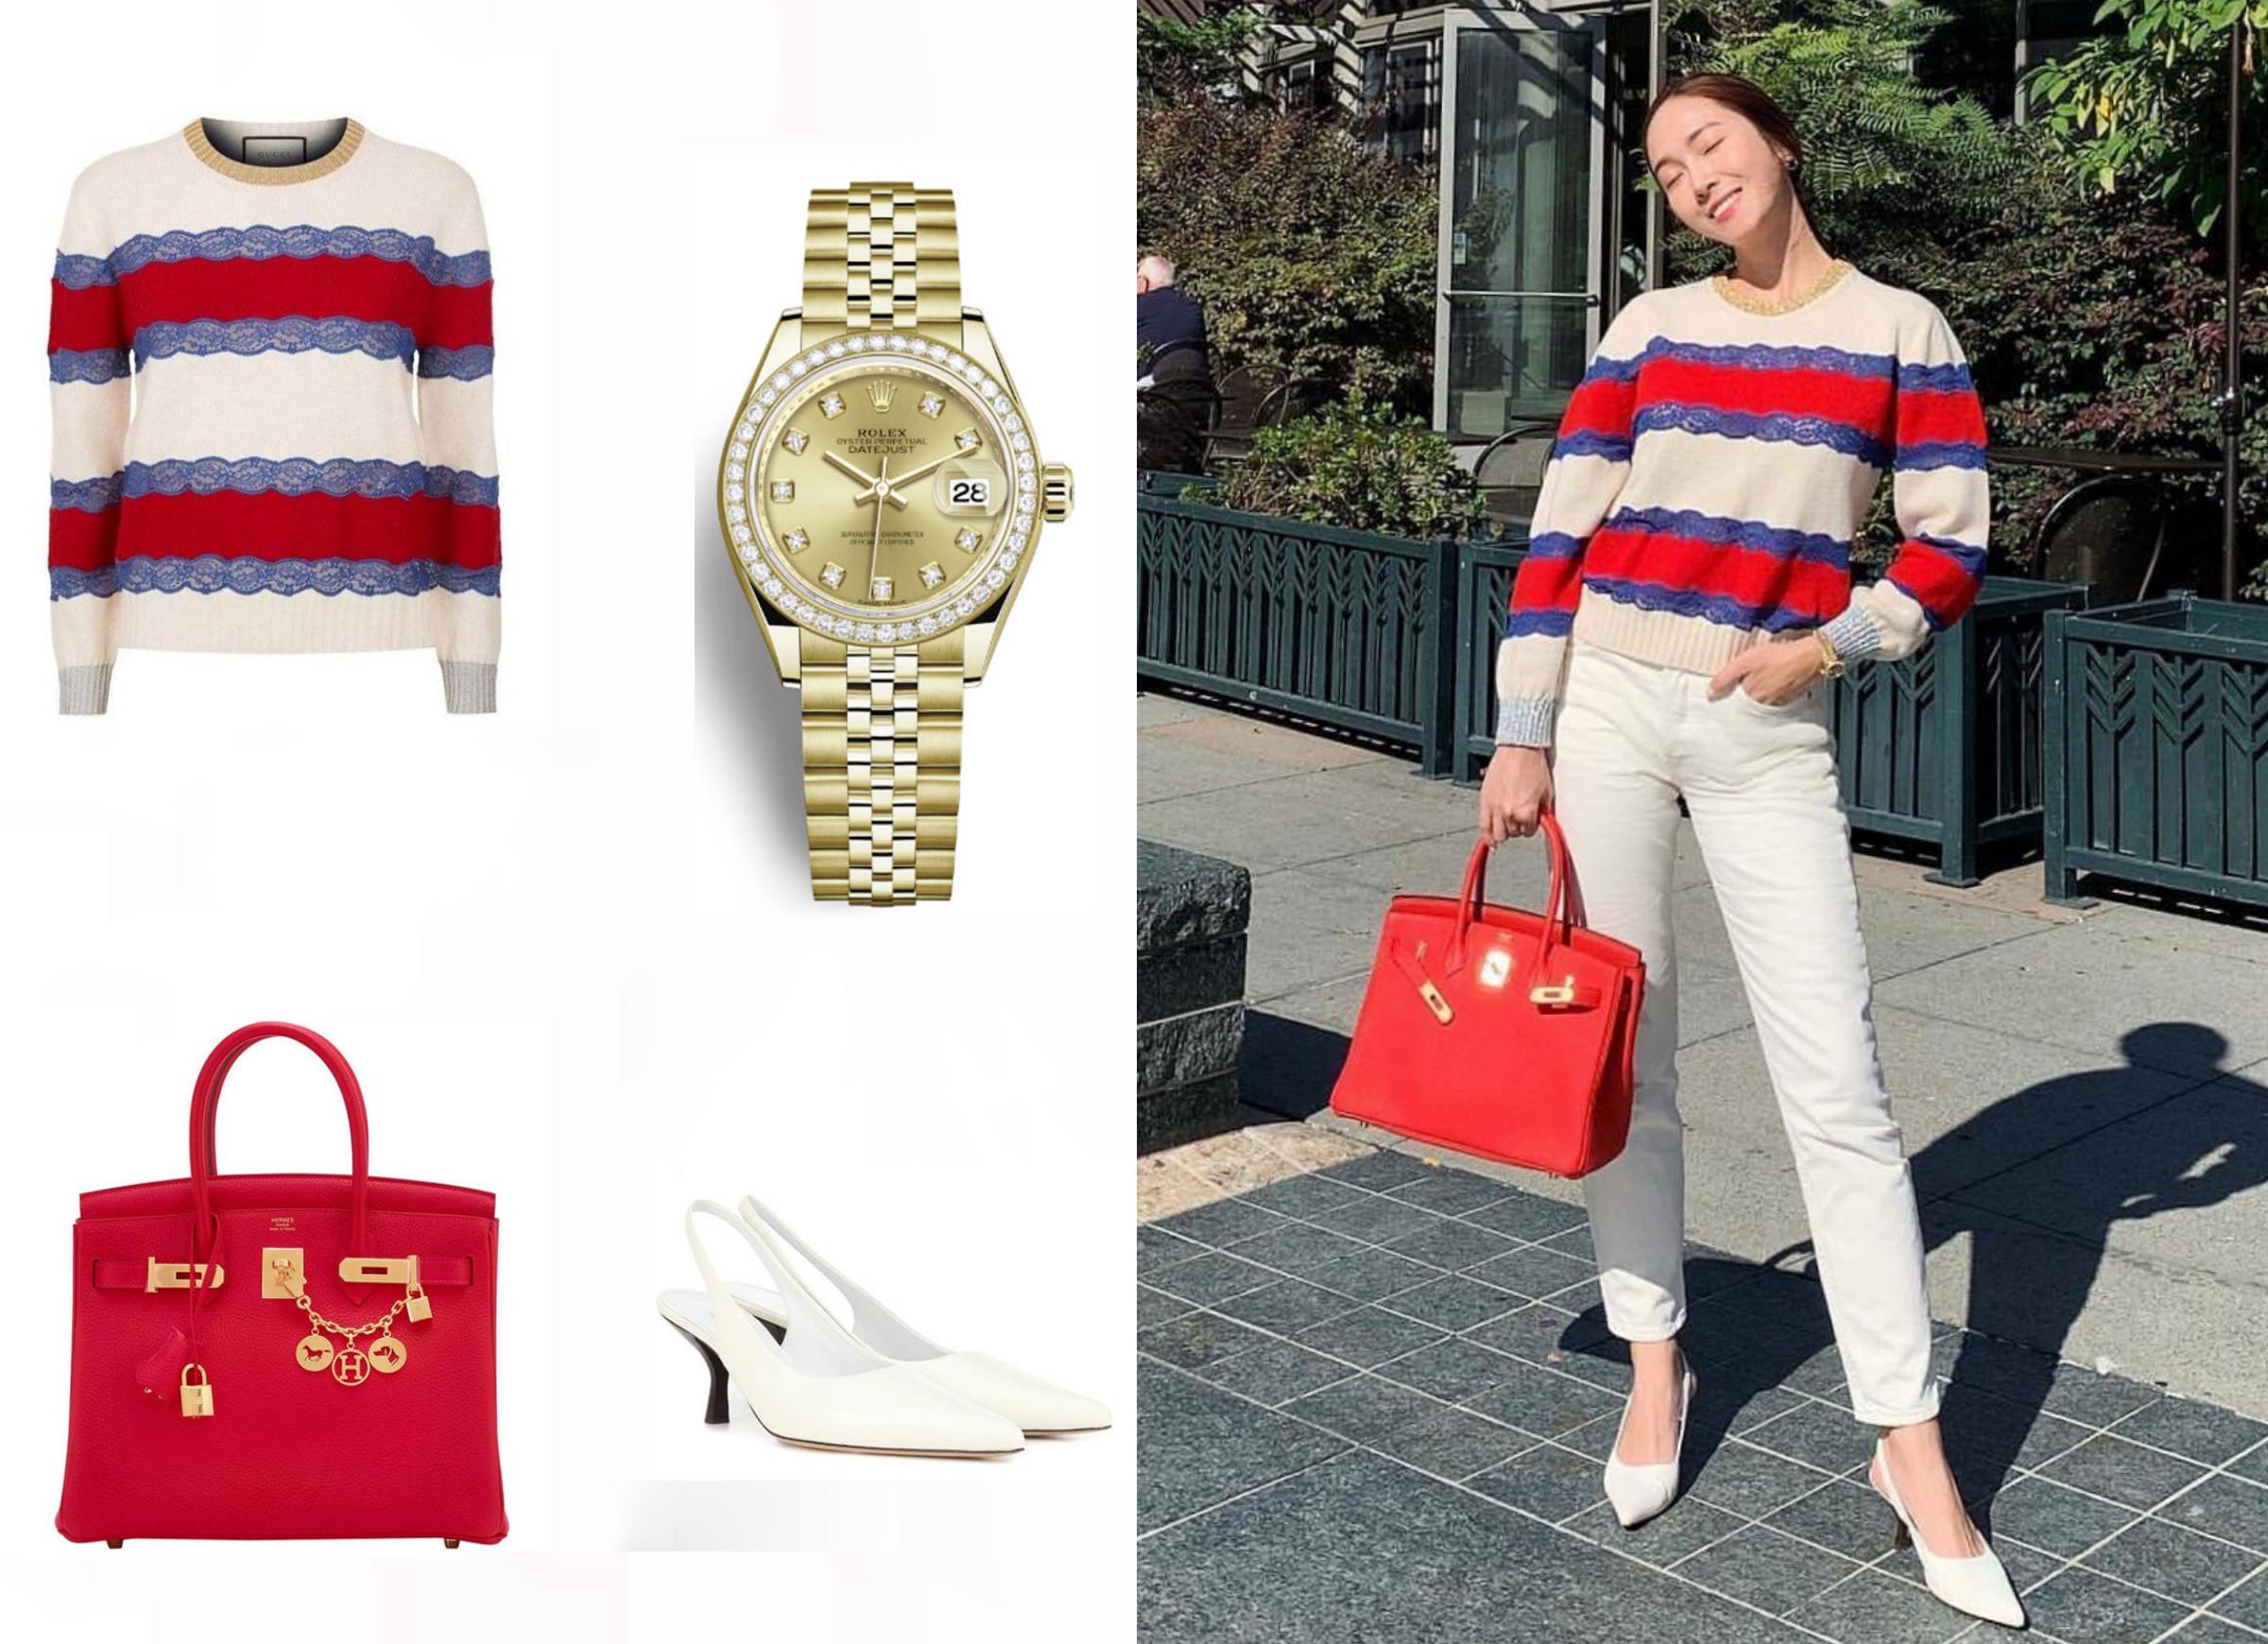 Jessica khoe phong cách dạo phố với quần jeans trắng, áo len Gucci, đồng hồ Rolex, giày mũi nhọn The Row. Dòng túi Birkin gam đỏ size 30 cm có giá 21.450 USD.